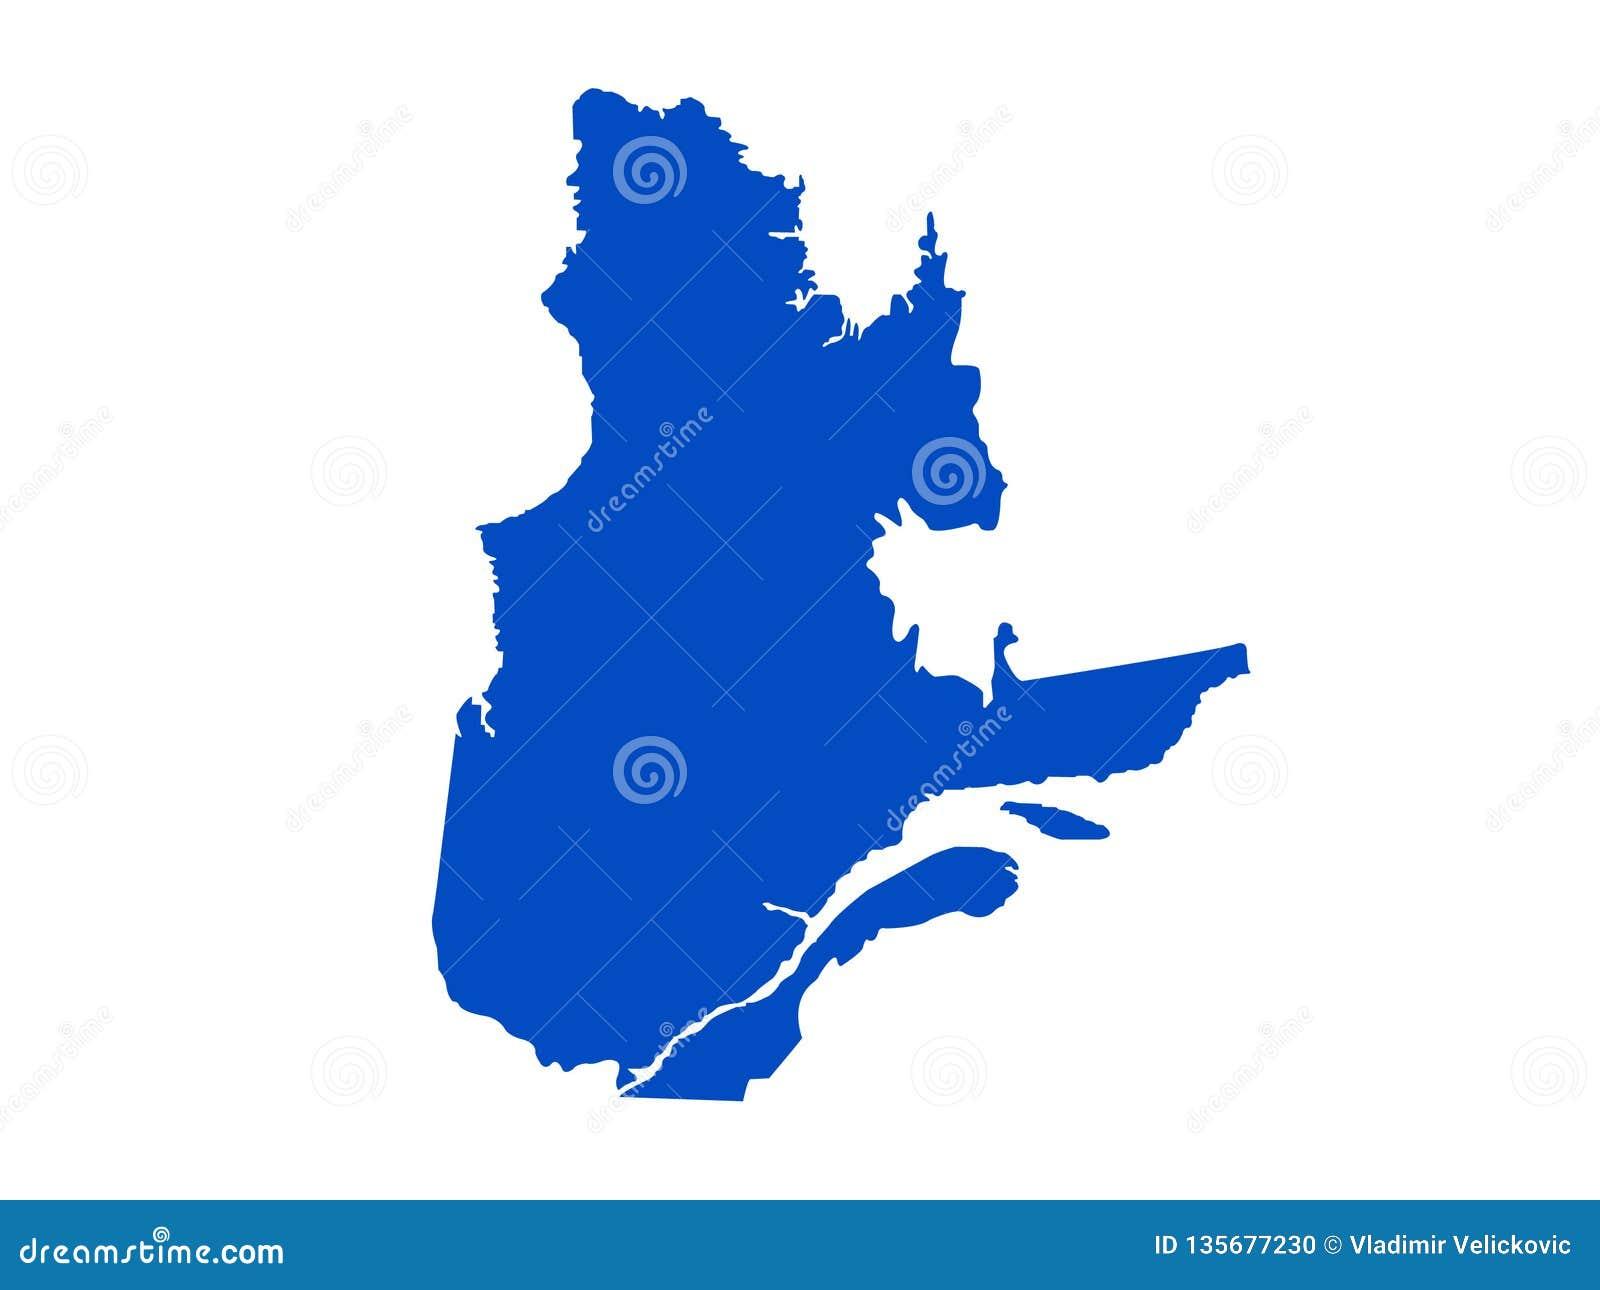 Mapa de Quebec - la provincia y el territorio más grandes de Canadá